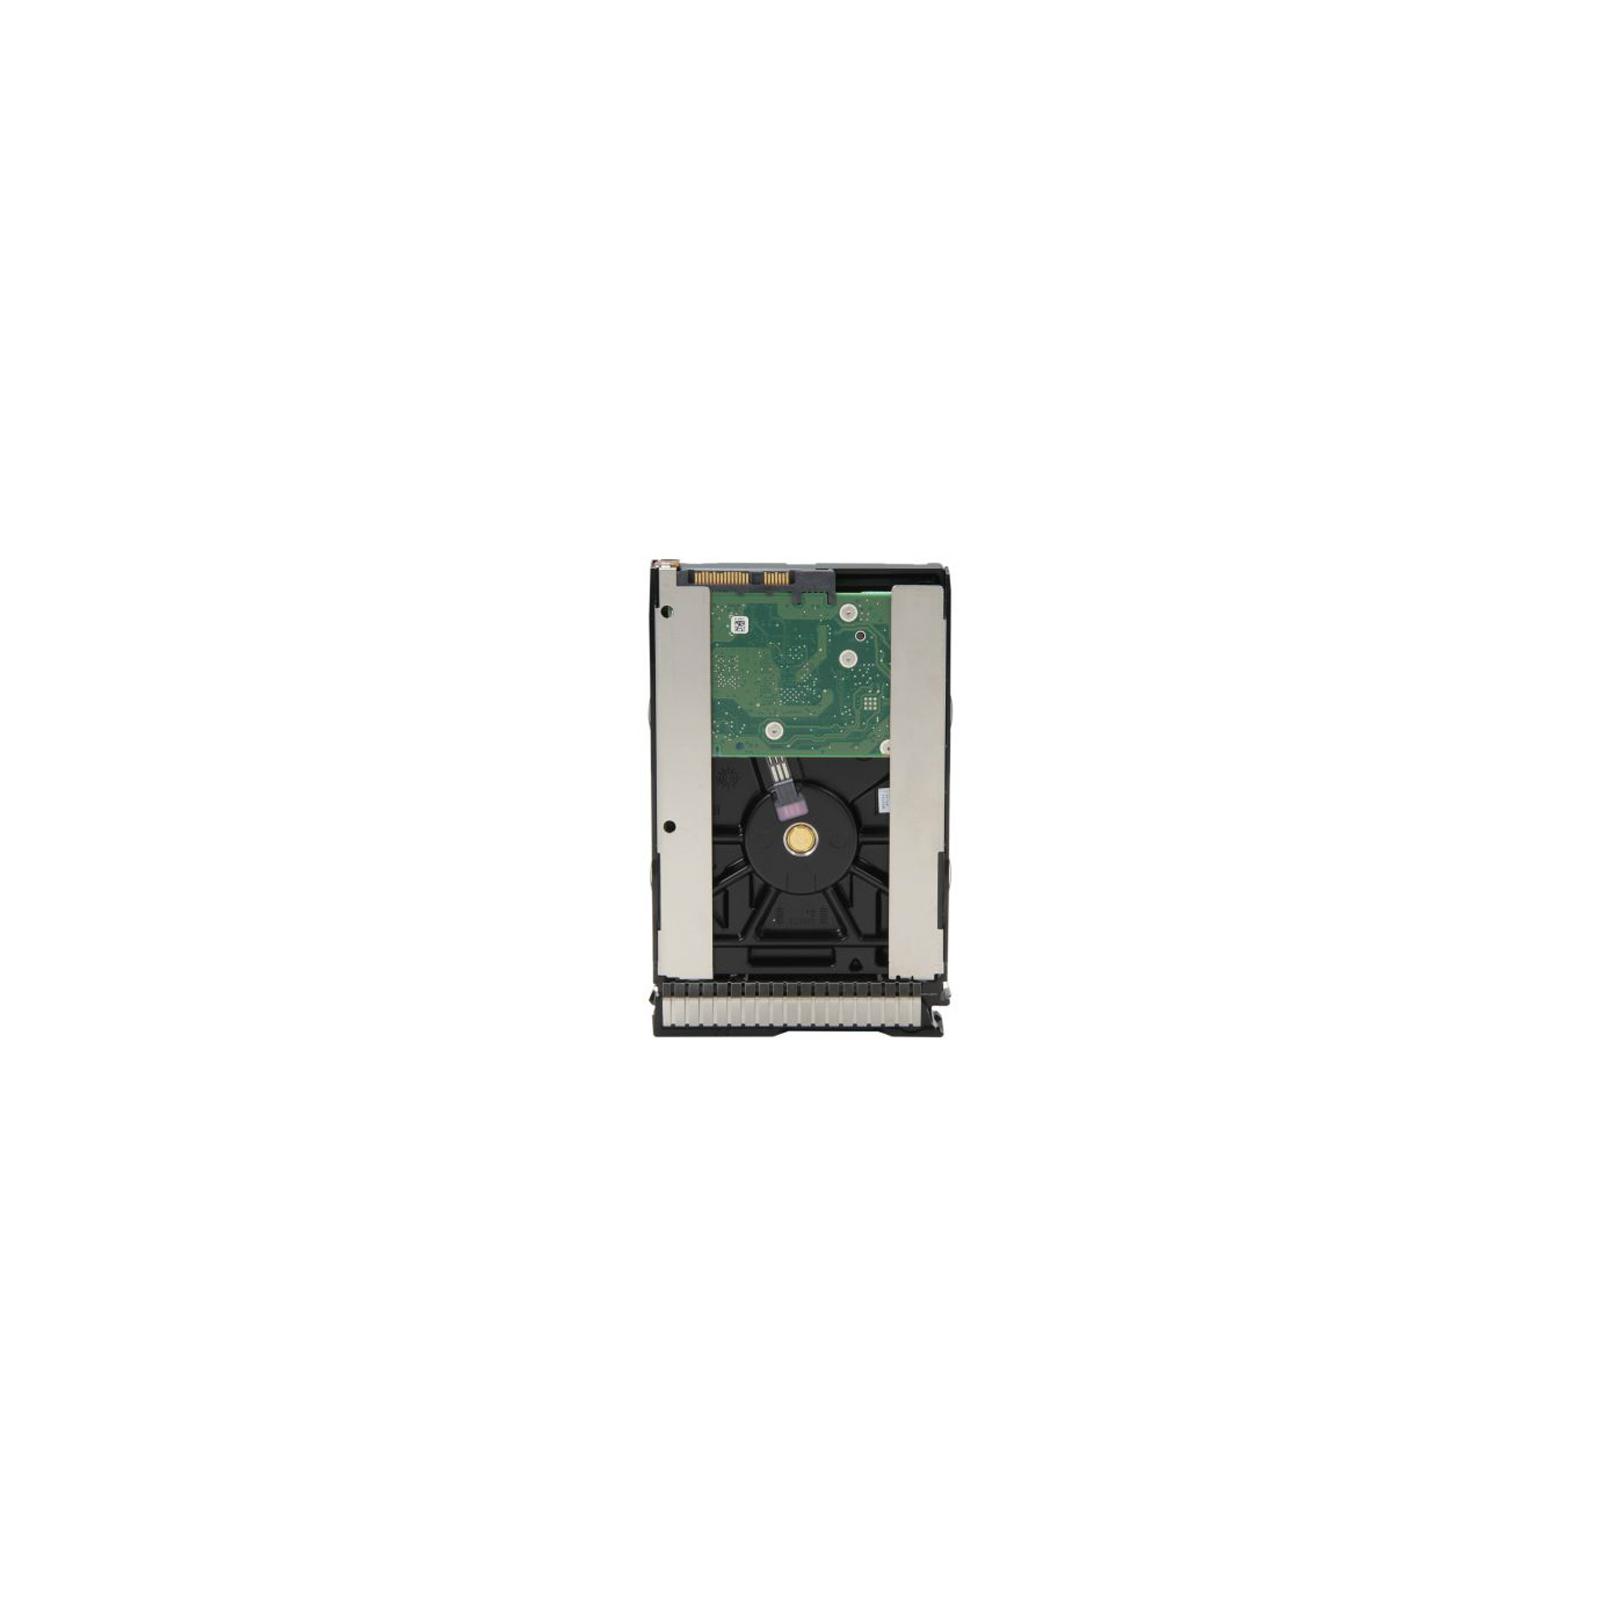 Жесткий диск для сервера HP 1TB (652753-B21) изображение 5